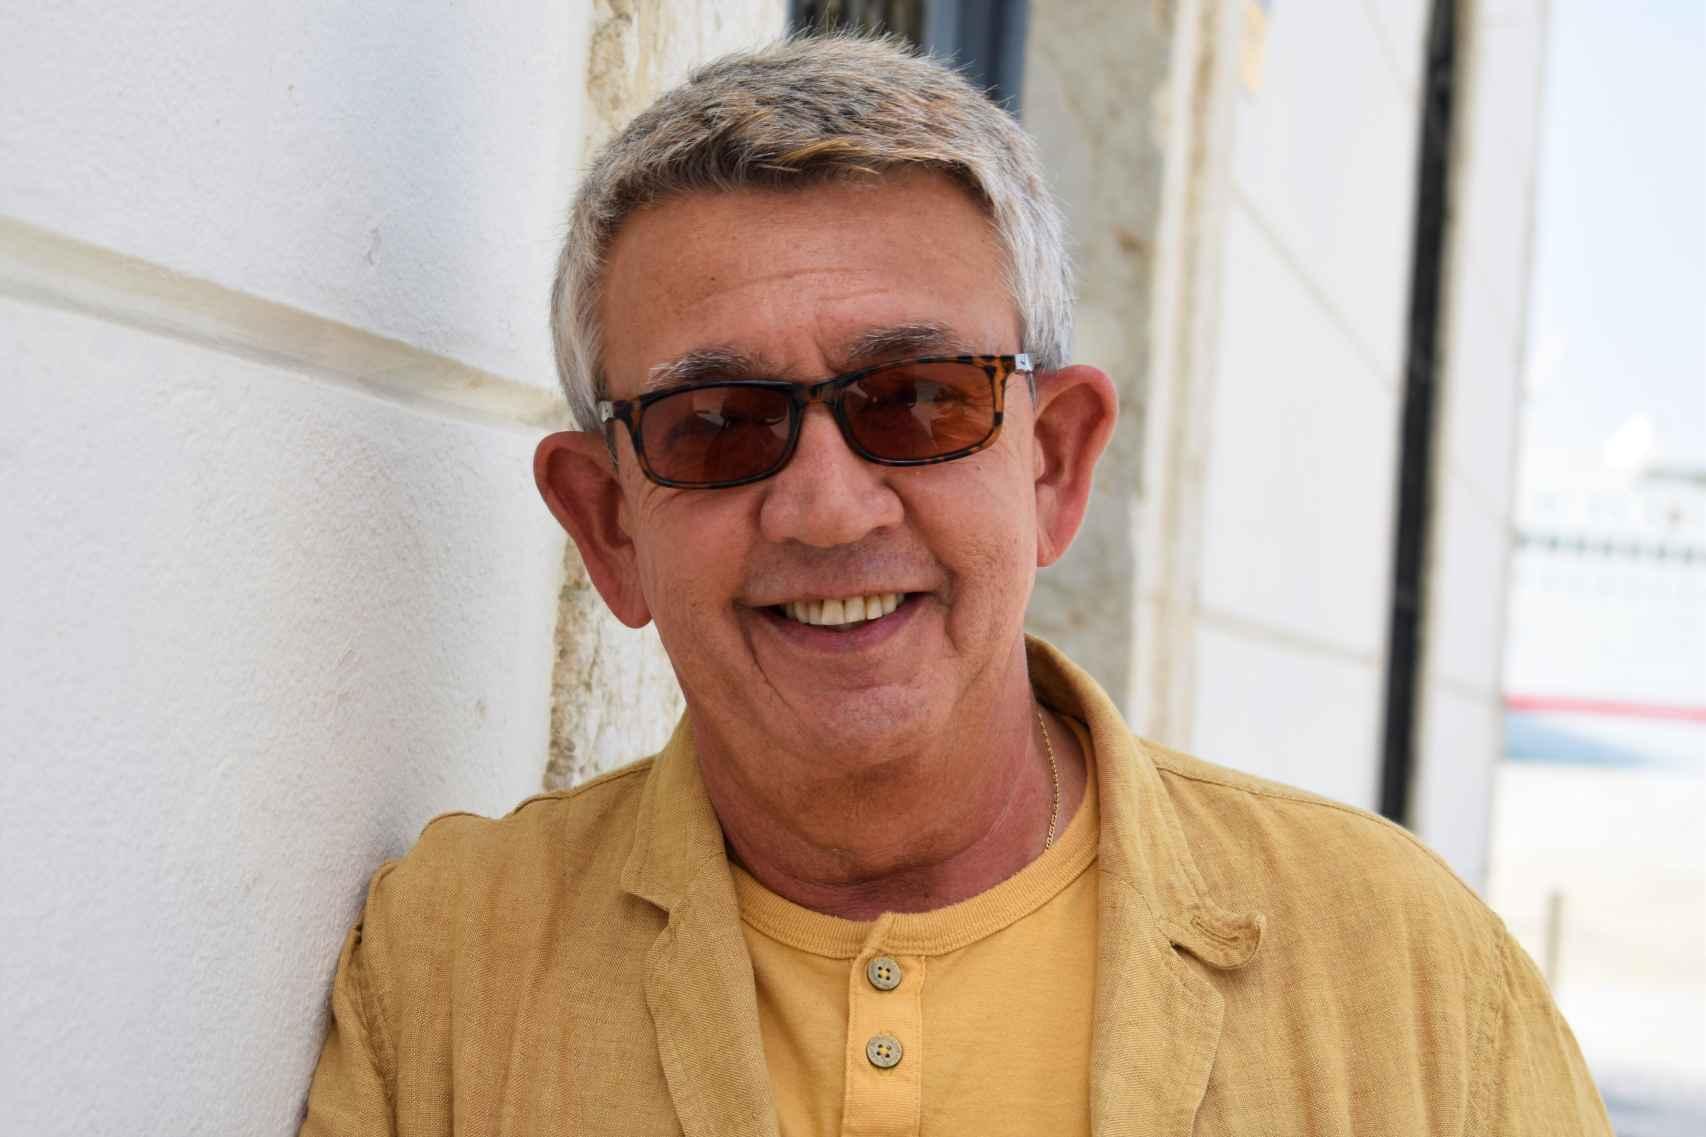 El autor sonríe a cámara